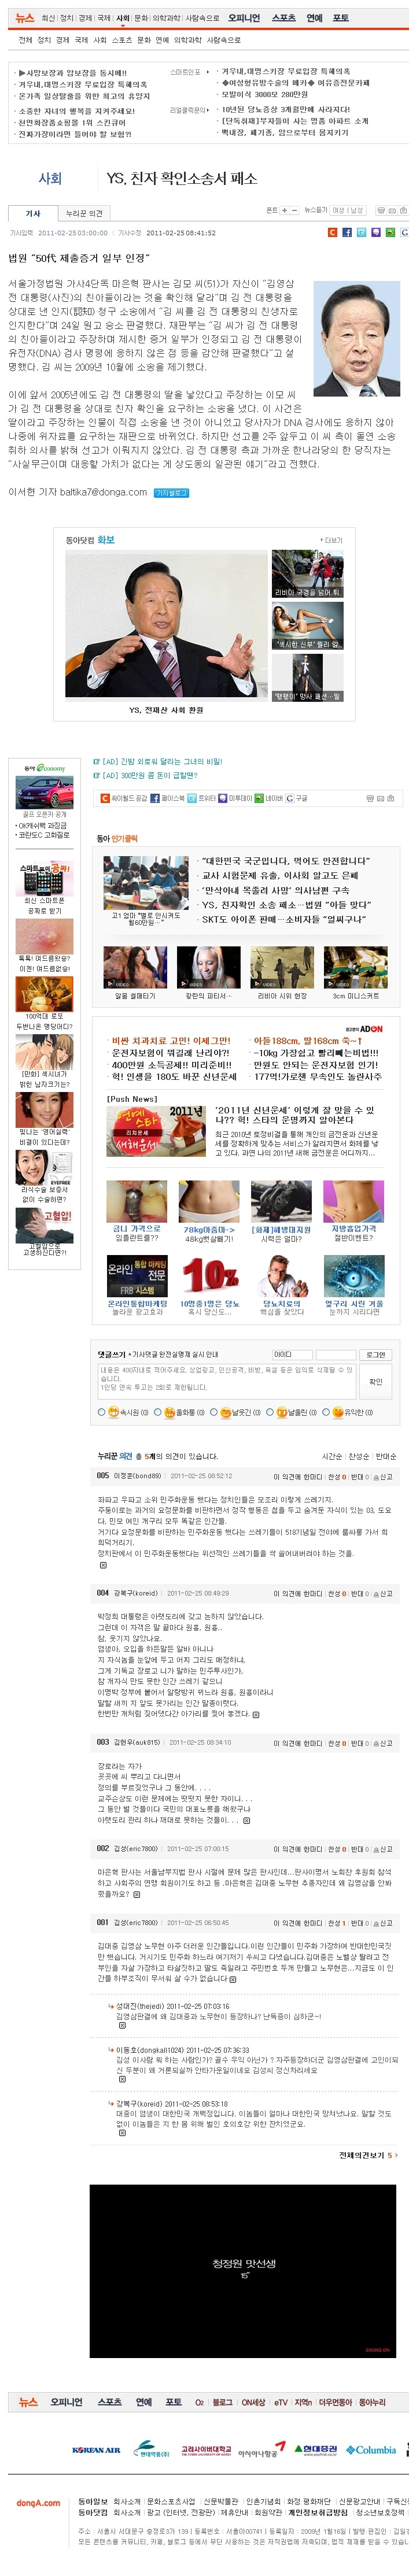 김영삼 친자확인 소송 패소